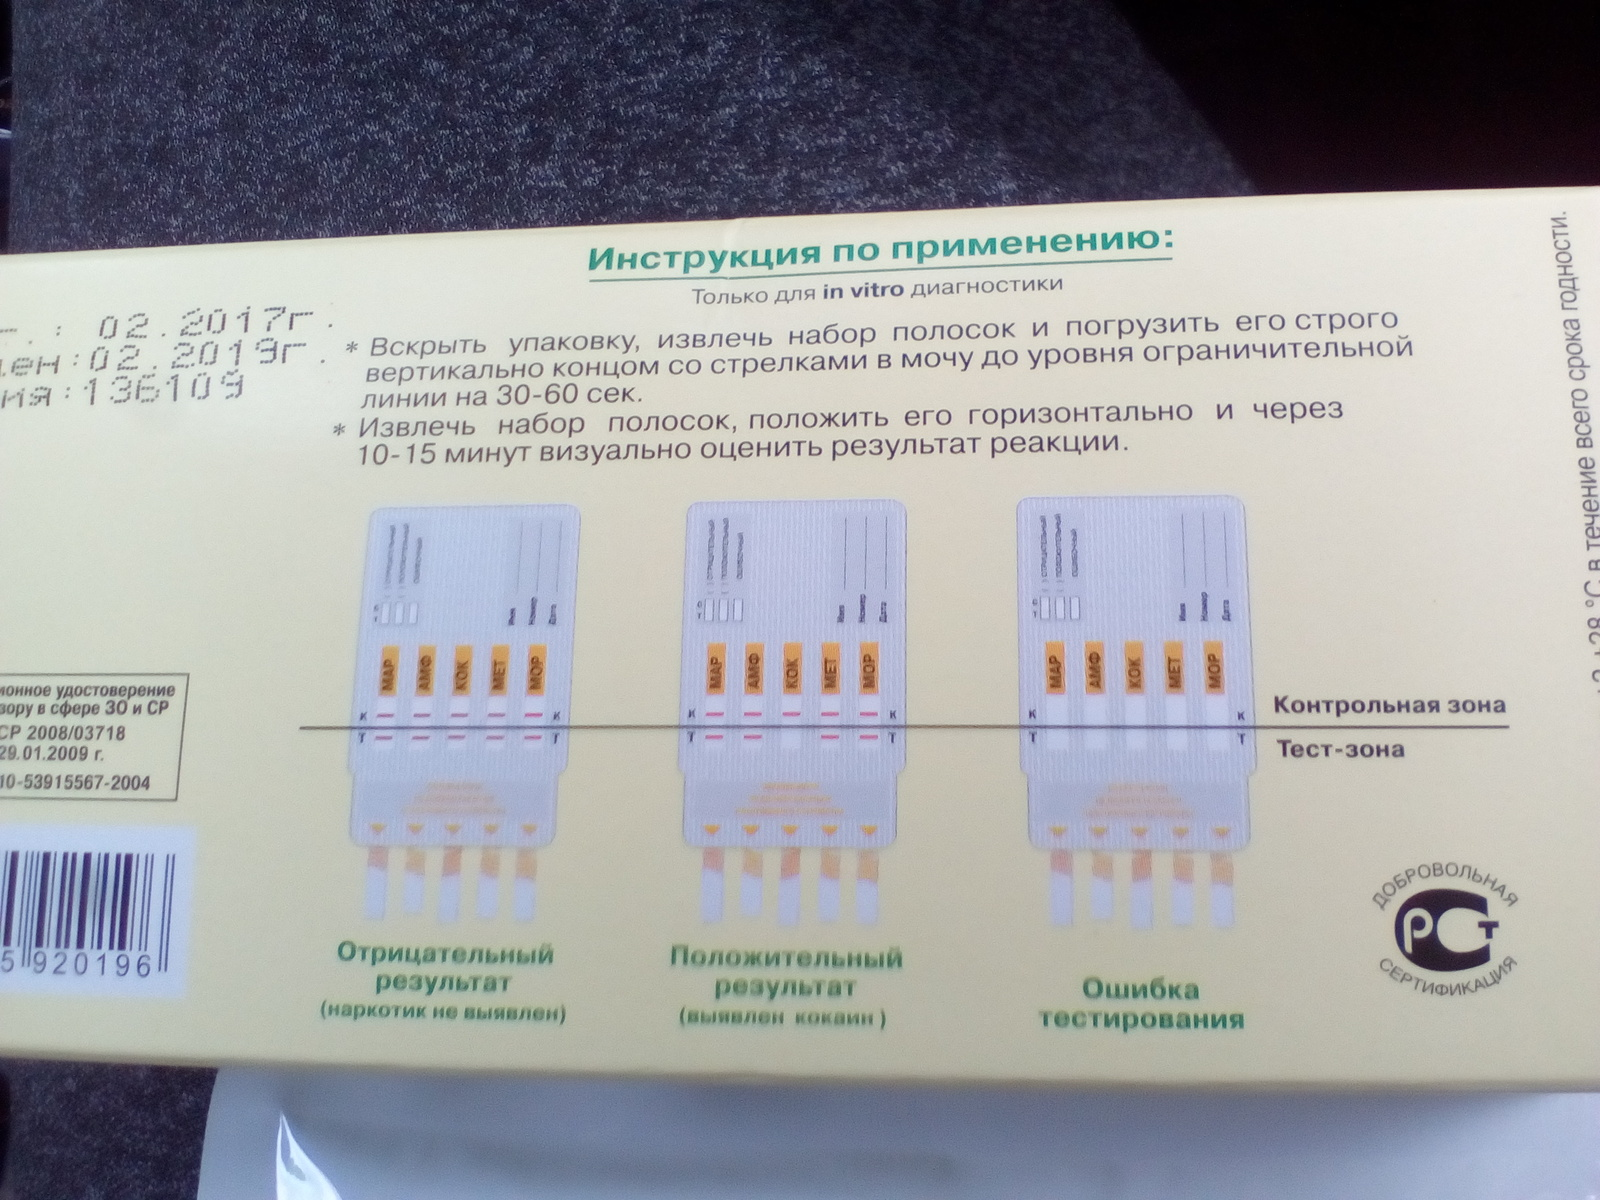 Как пройти тест на марихуаны в моче распределение марихуаны